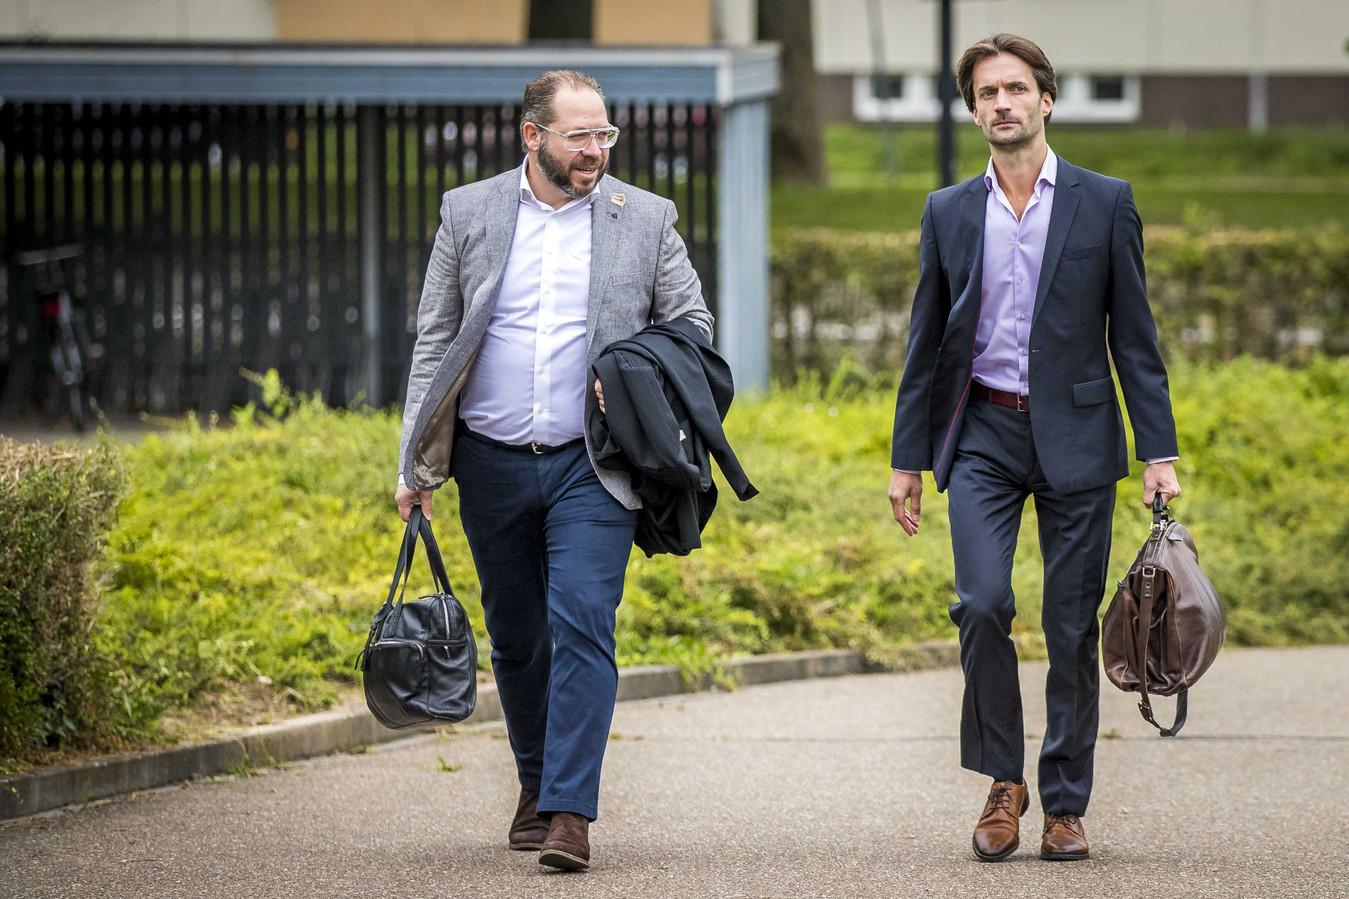 Phil Boonen (L), advocaat van de nabestaanden van de Limburgse slachtoffers en advocaat Sebas Diekstra (R) arriveren bij de rechtbank.